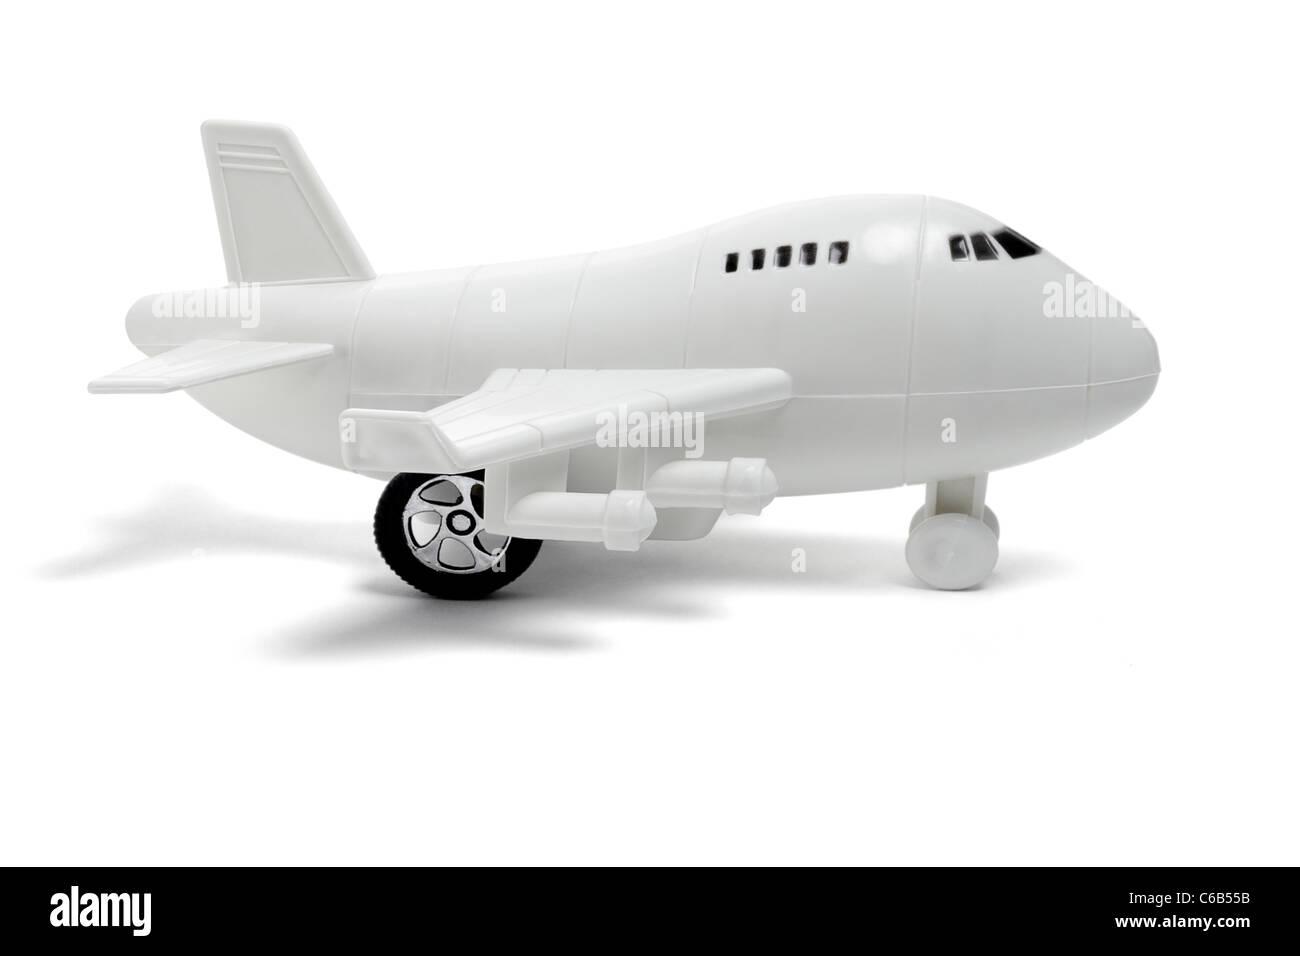 Jouet en plastique passenger jet avion sur fond blanc Photo Stock